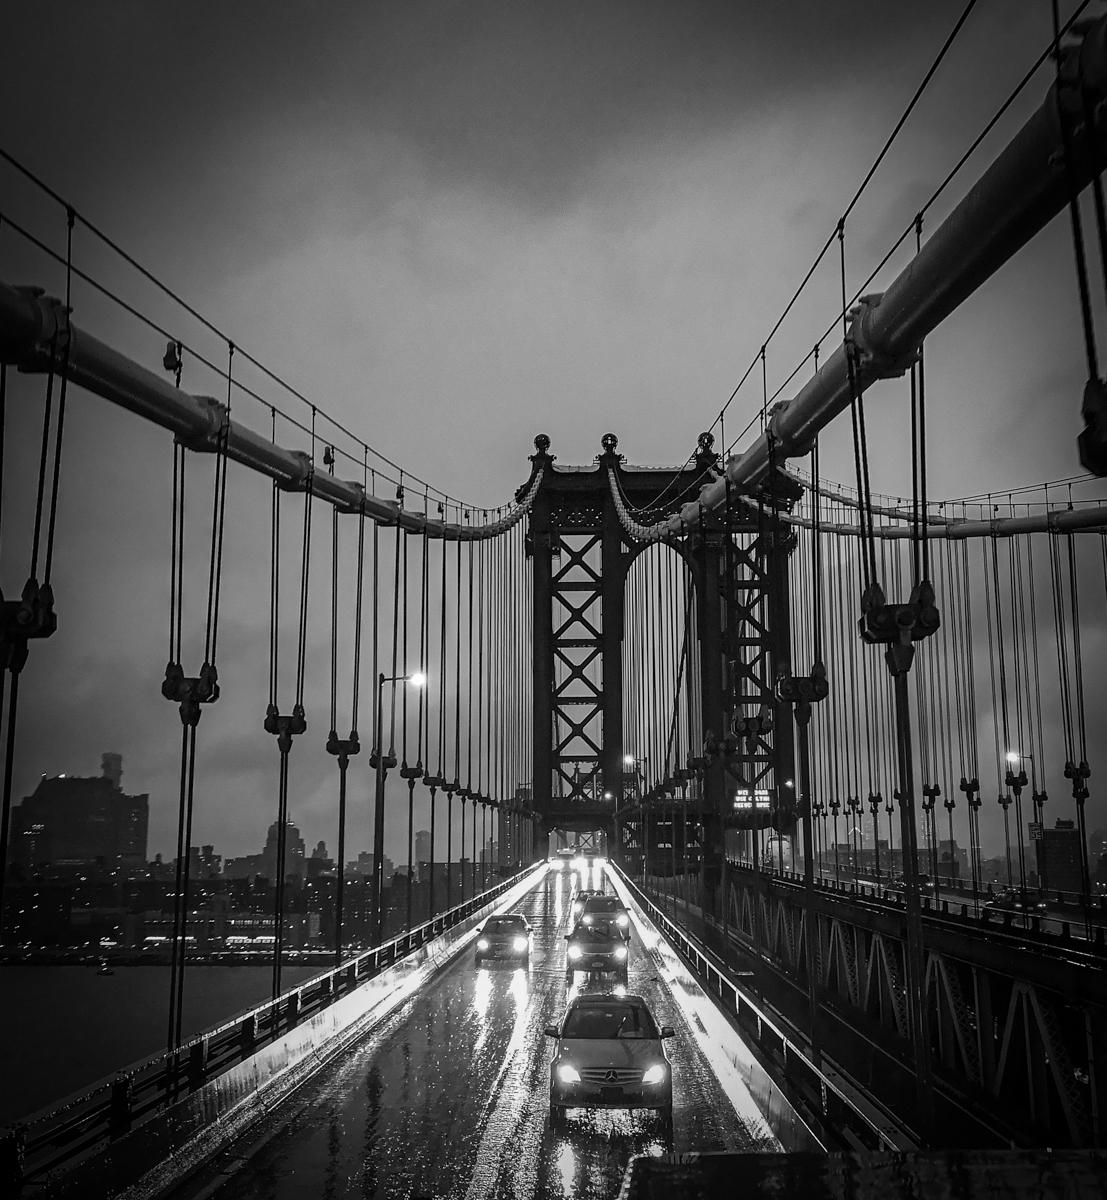 13-04. Manhattan Bridge